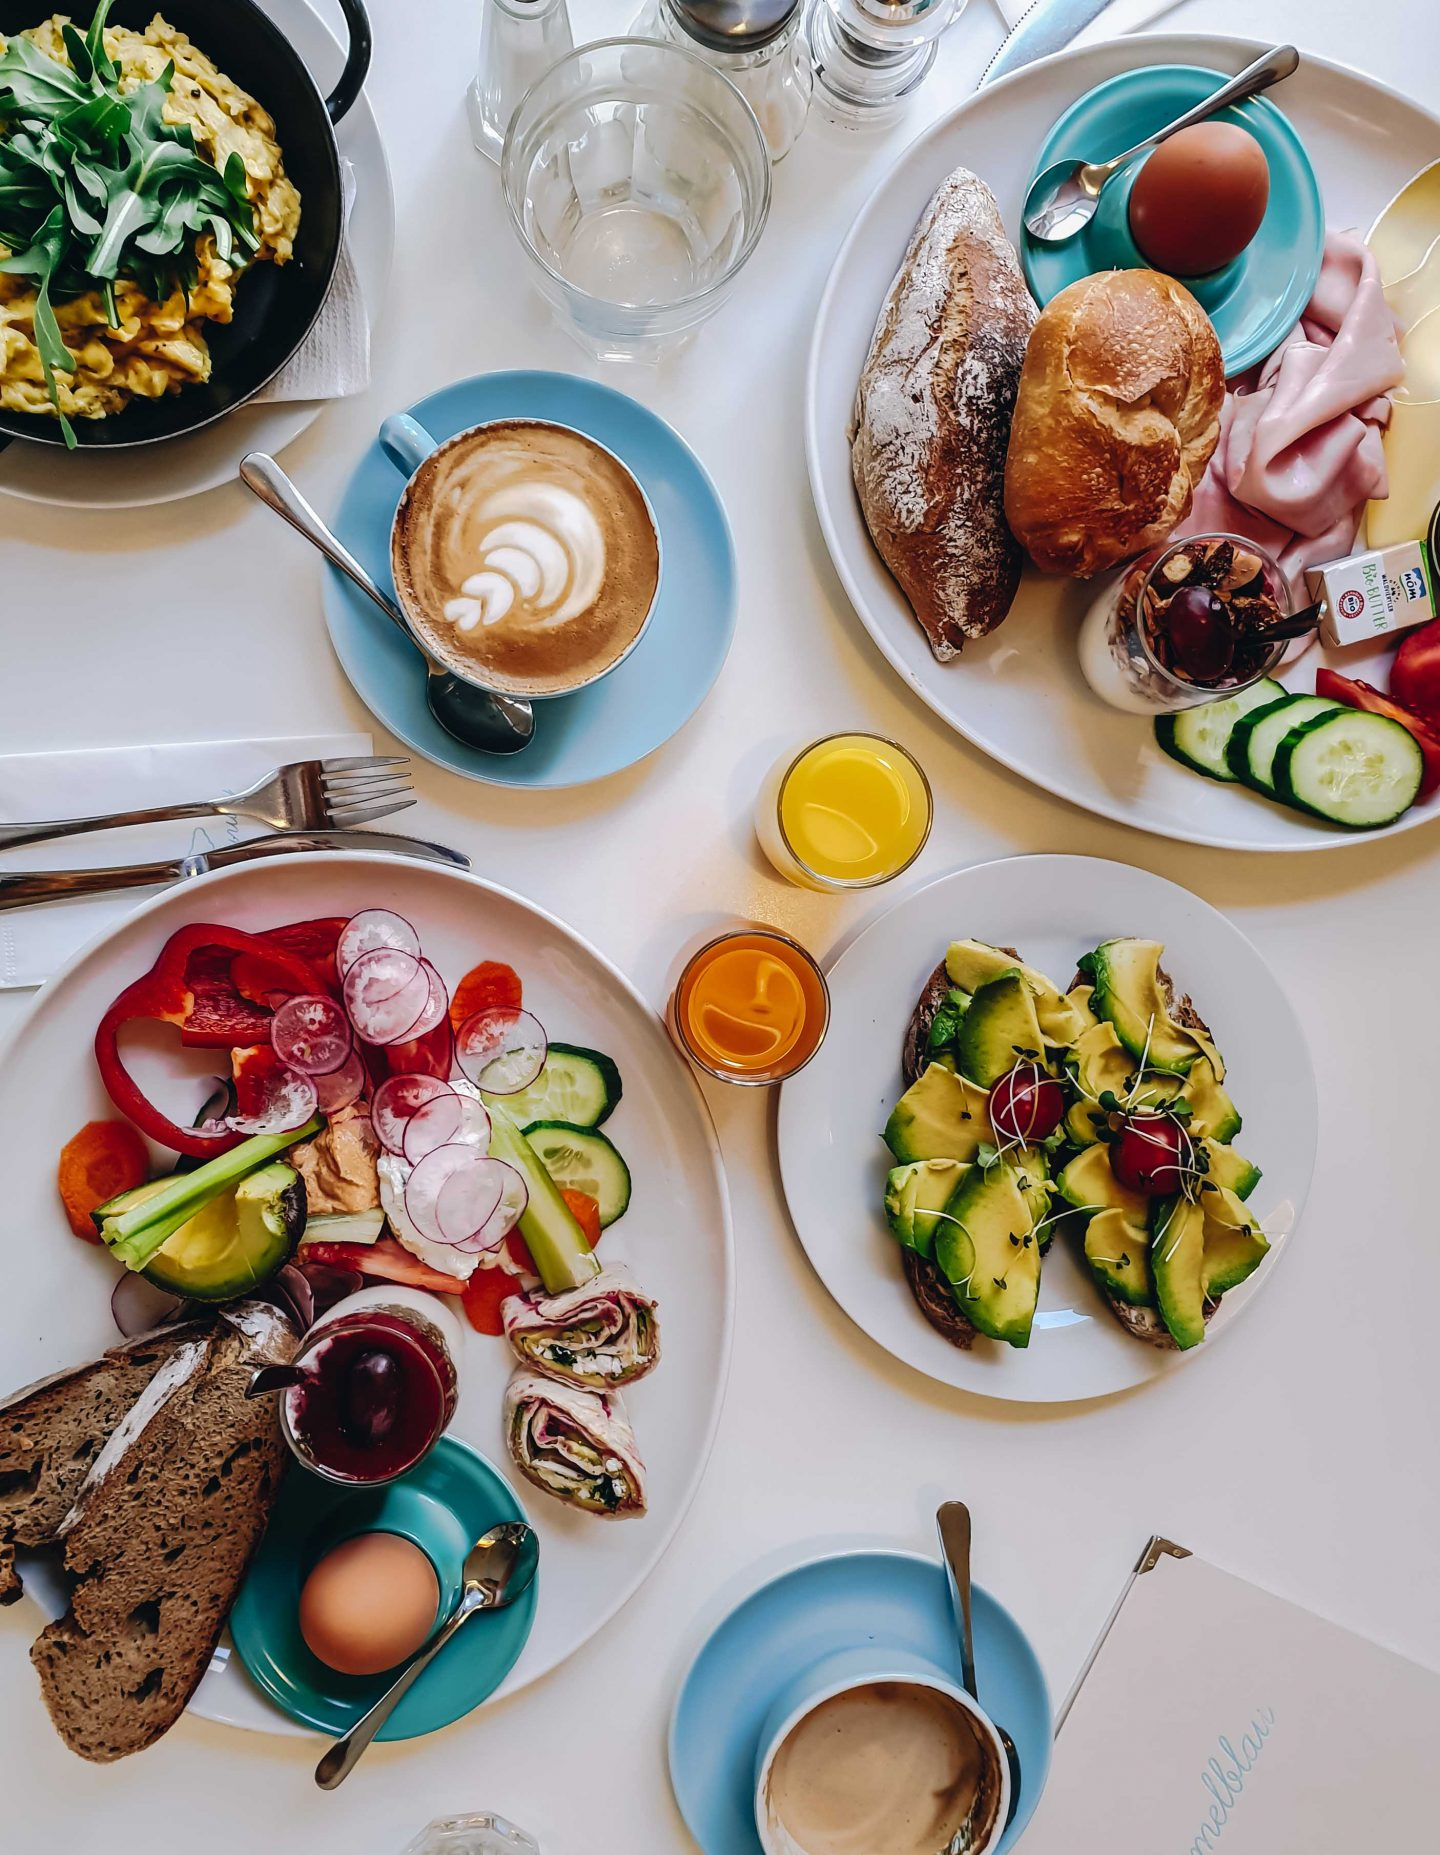 Himmelblau Frühstückslokal in Wien